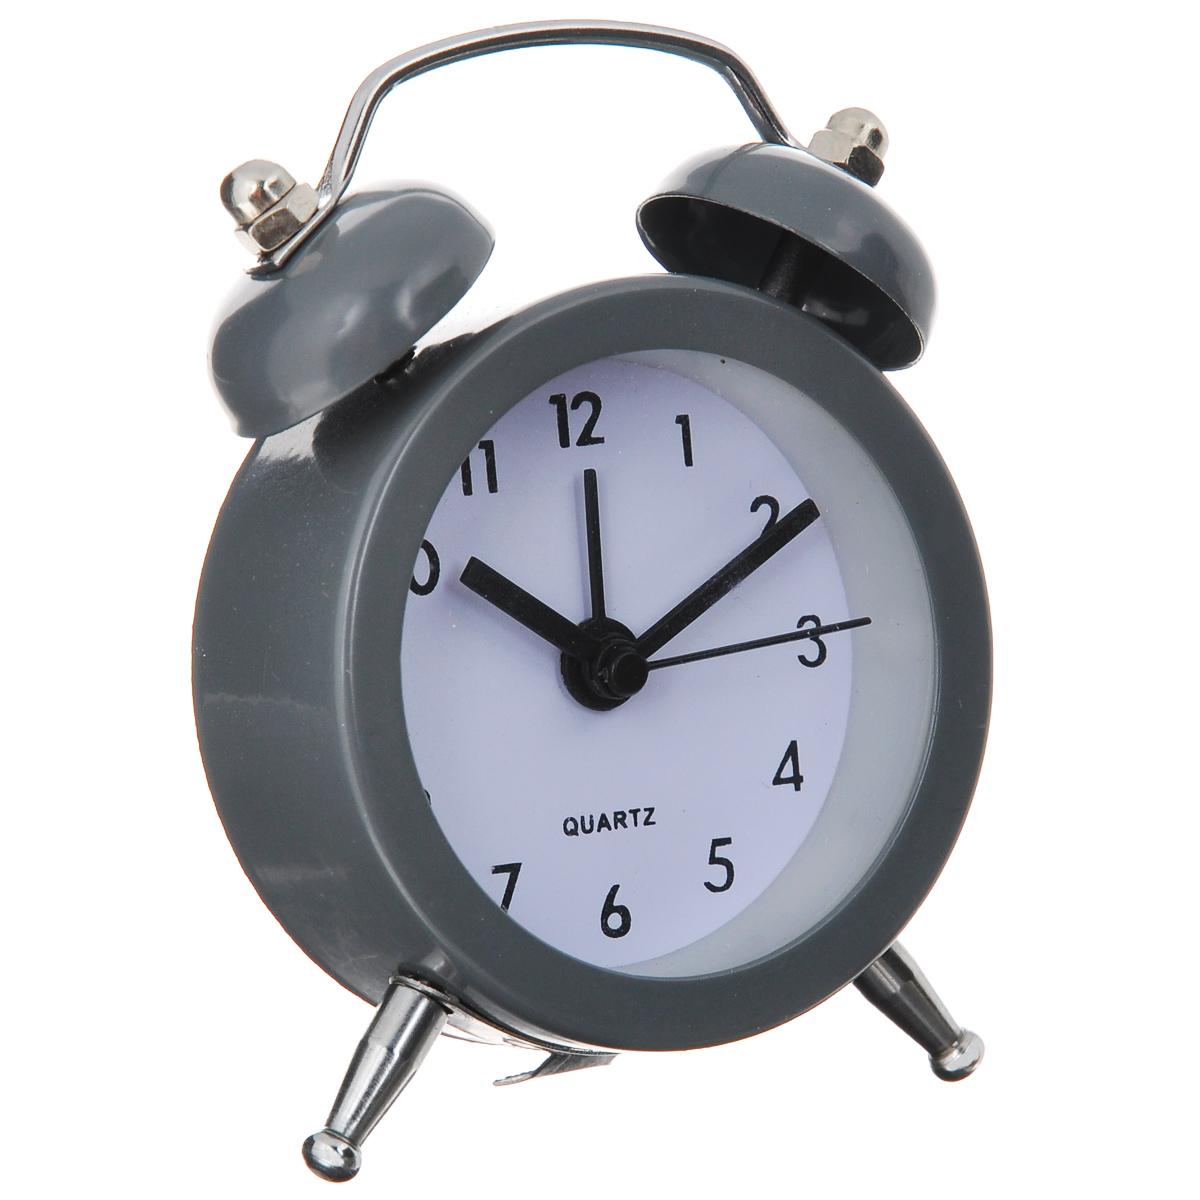 Часы-будильник Sima-land, цвет: серый. 720791720791Как же сложно иногда вставать вовремя! Всегда так хочется поспать еще хотя бы 5 минут и бывает, что мы просыпаем. Теперь этого не случится! Яркий, оригинальный будильник Sima-land поможет вам всегда вставать в нужное время и успевать везде и всюду. Будильник украсит вашу комнату и приведет в восхищение друзей. Эта уменьшенная версия привычного будильника умещается на ладони и работает так же громко, как и привычные аналоги. Время показывает точно и будит в установленный час. На задней панели будильника расположены переключатель включения/выключения механизма, а также два колесика для настройки текущего времени и времени звонка будильника. Будильник работает от 1 батарейки типа LR44 (входит в комплект).